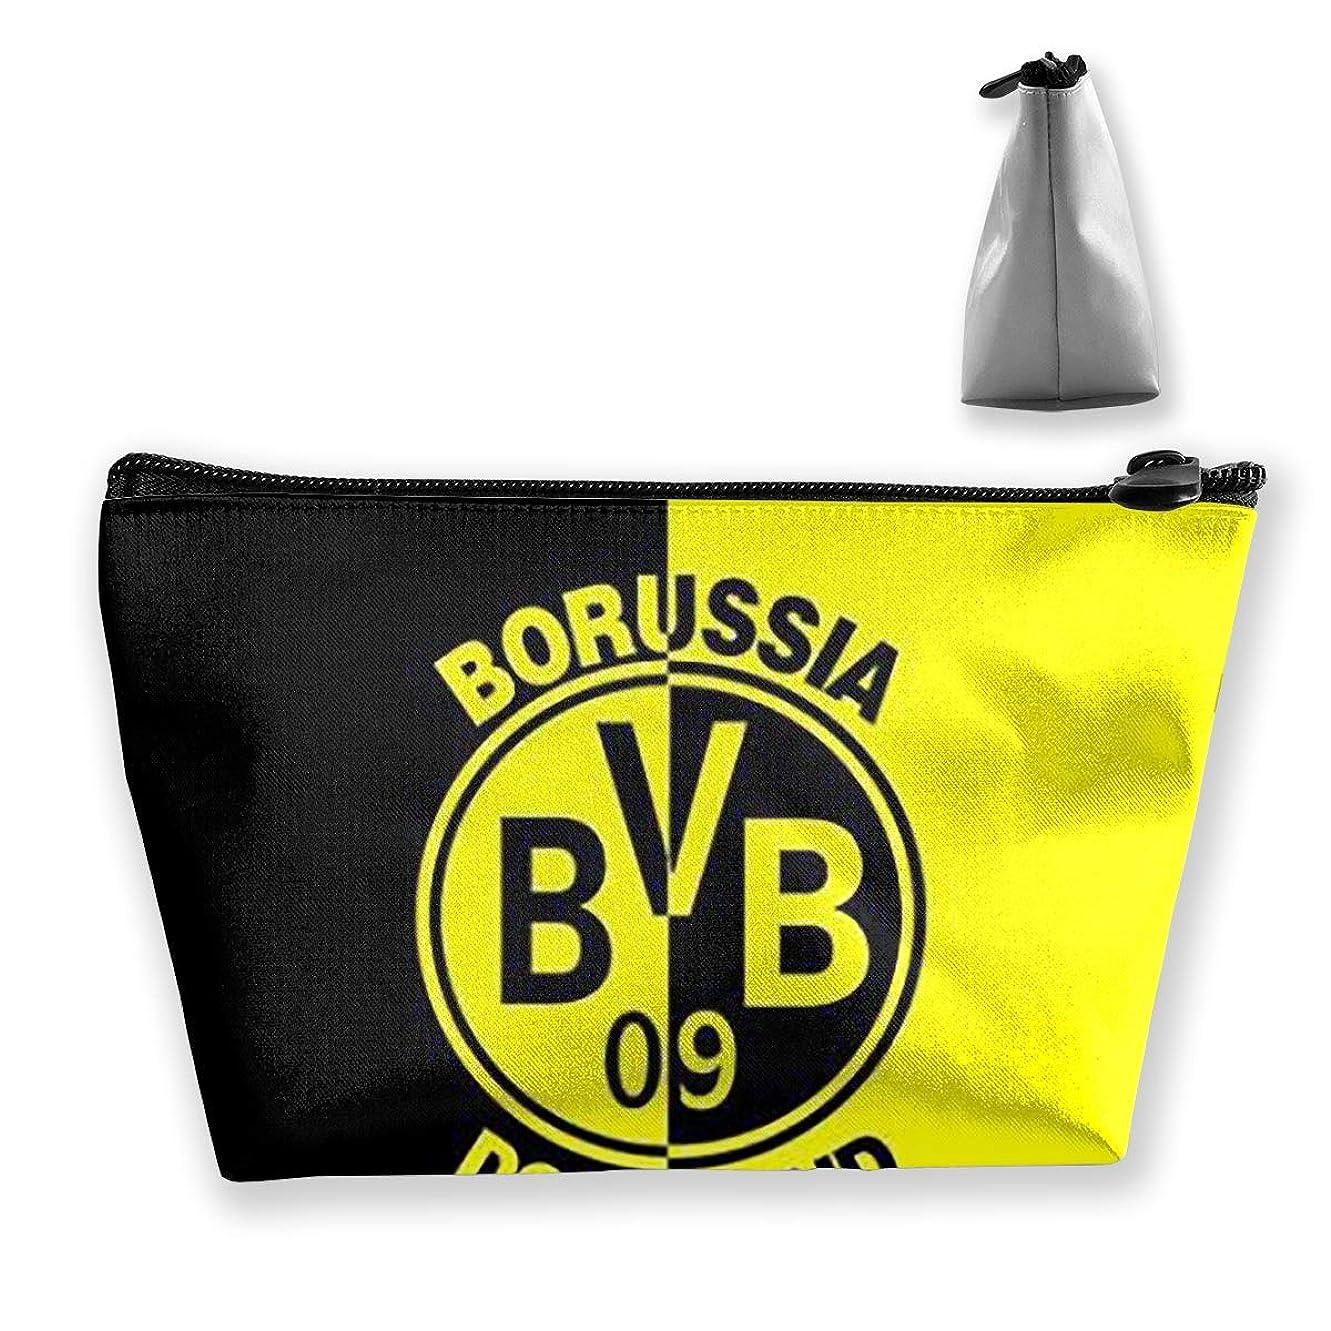 出発申請中割れ目Borussia Dortmund 台形 化粧ポーチ メイクポーチ コスメポーチ 軽い 防水 便利 小物入れ 携帯便利 多機能 バッグ 化粧品収納